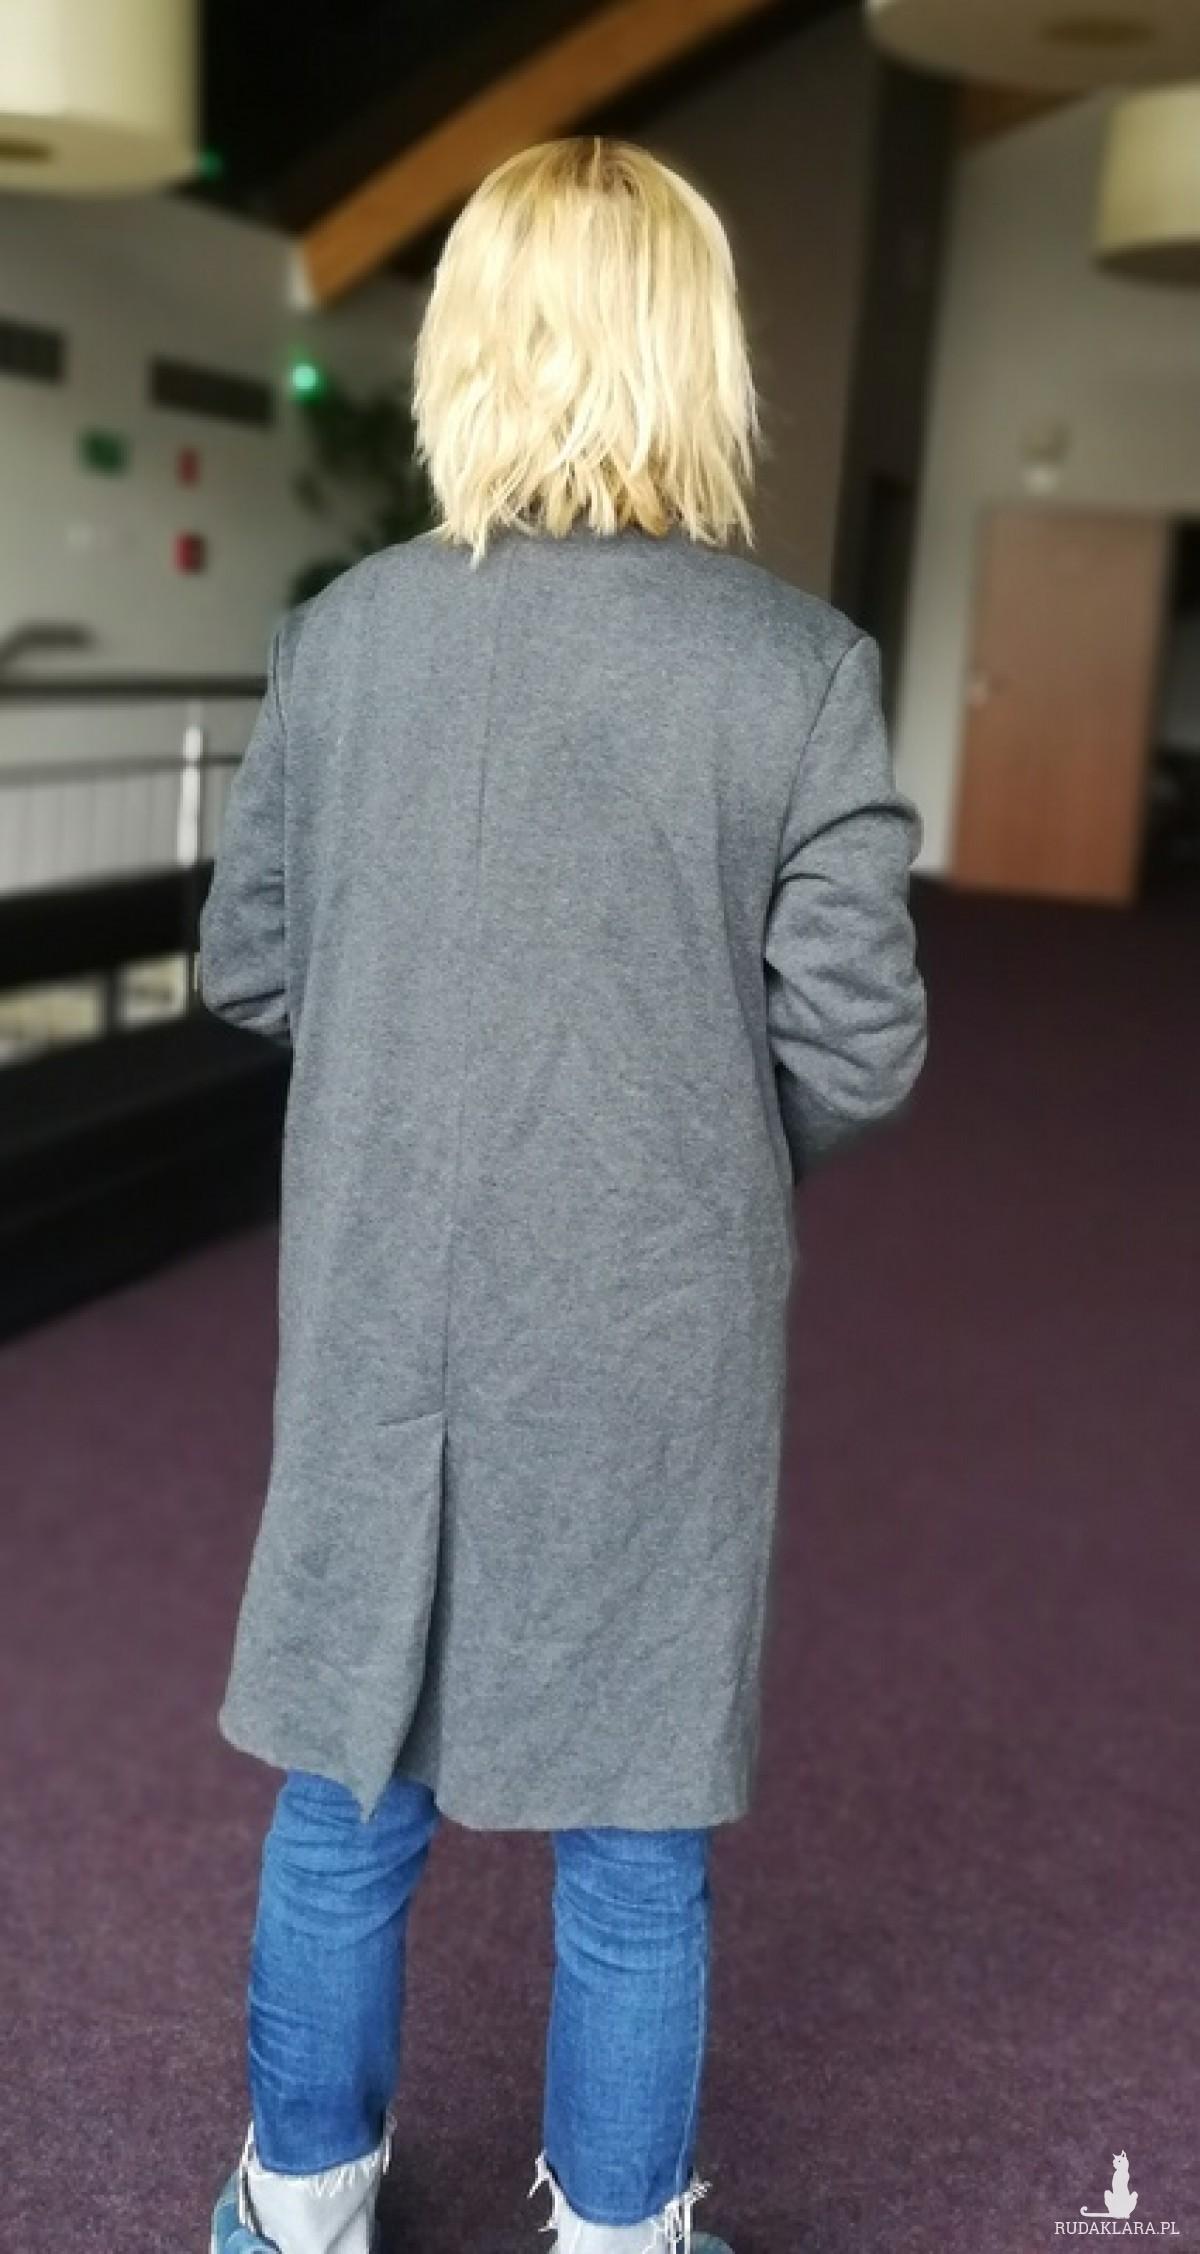 szary damski dzianinowy dresowy płaszcz